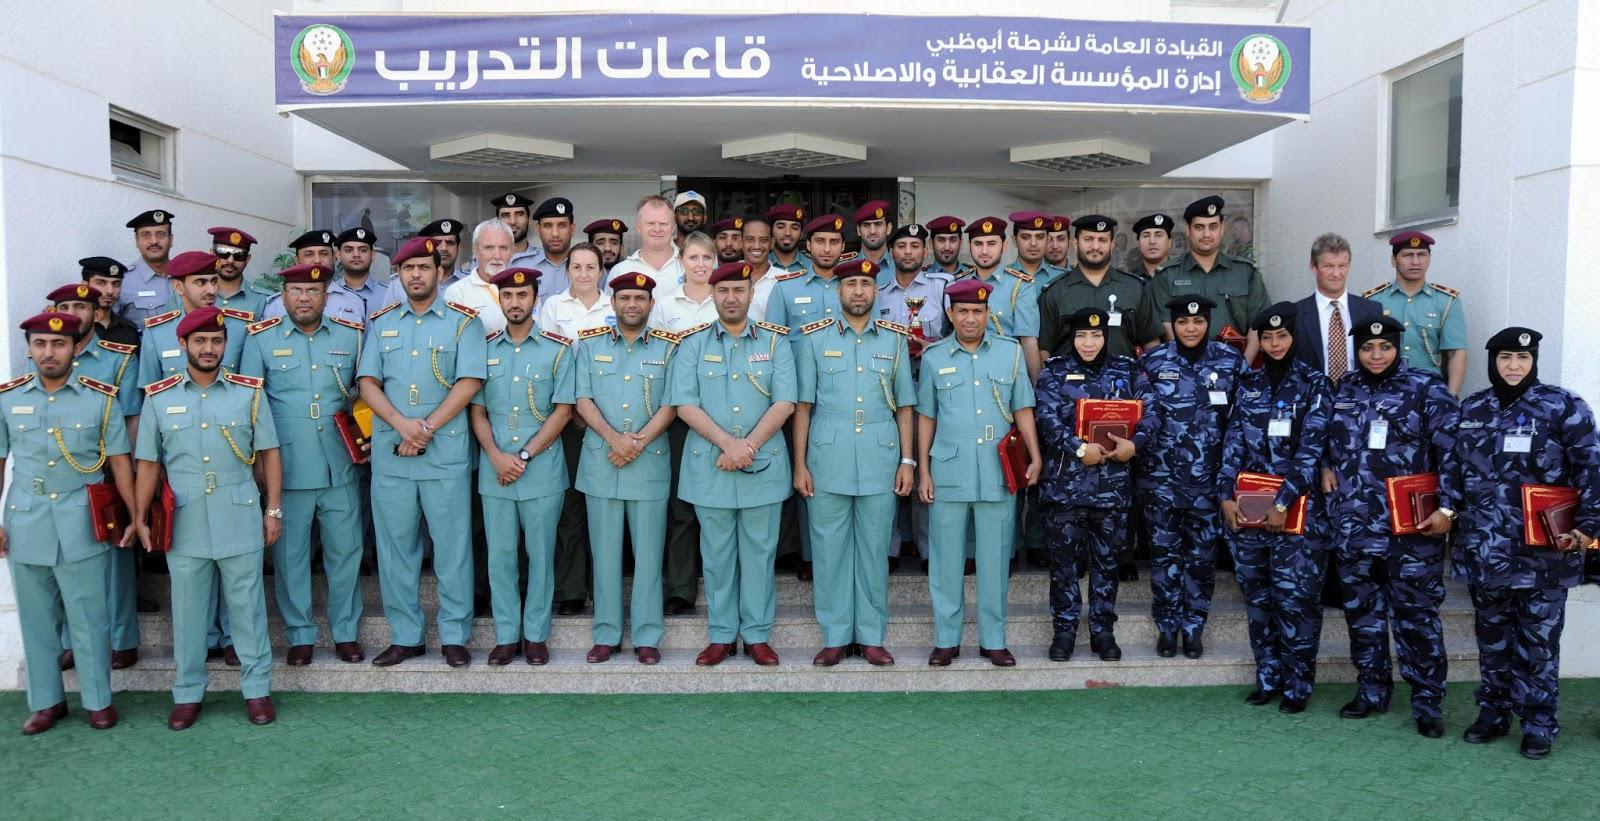 شرطة أبوظبي تطلق مبادرة تواصل للطلبة غير الناطقين بالعربية